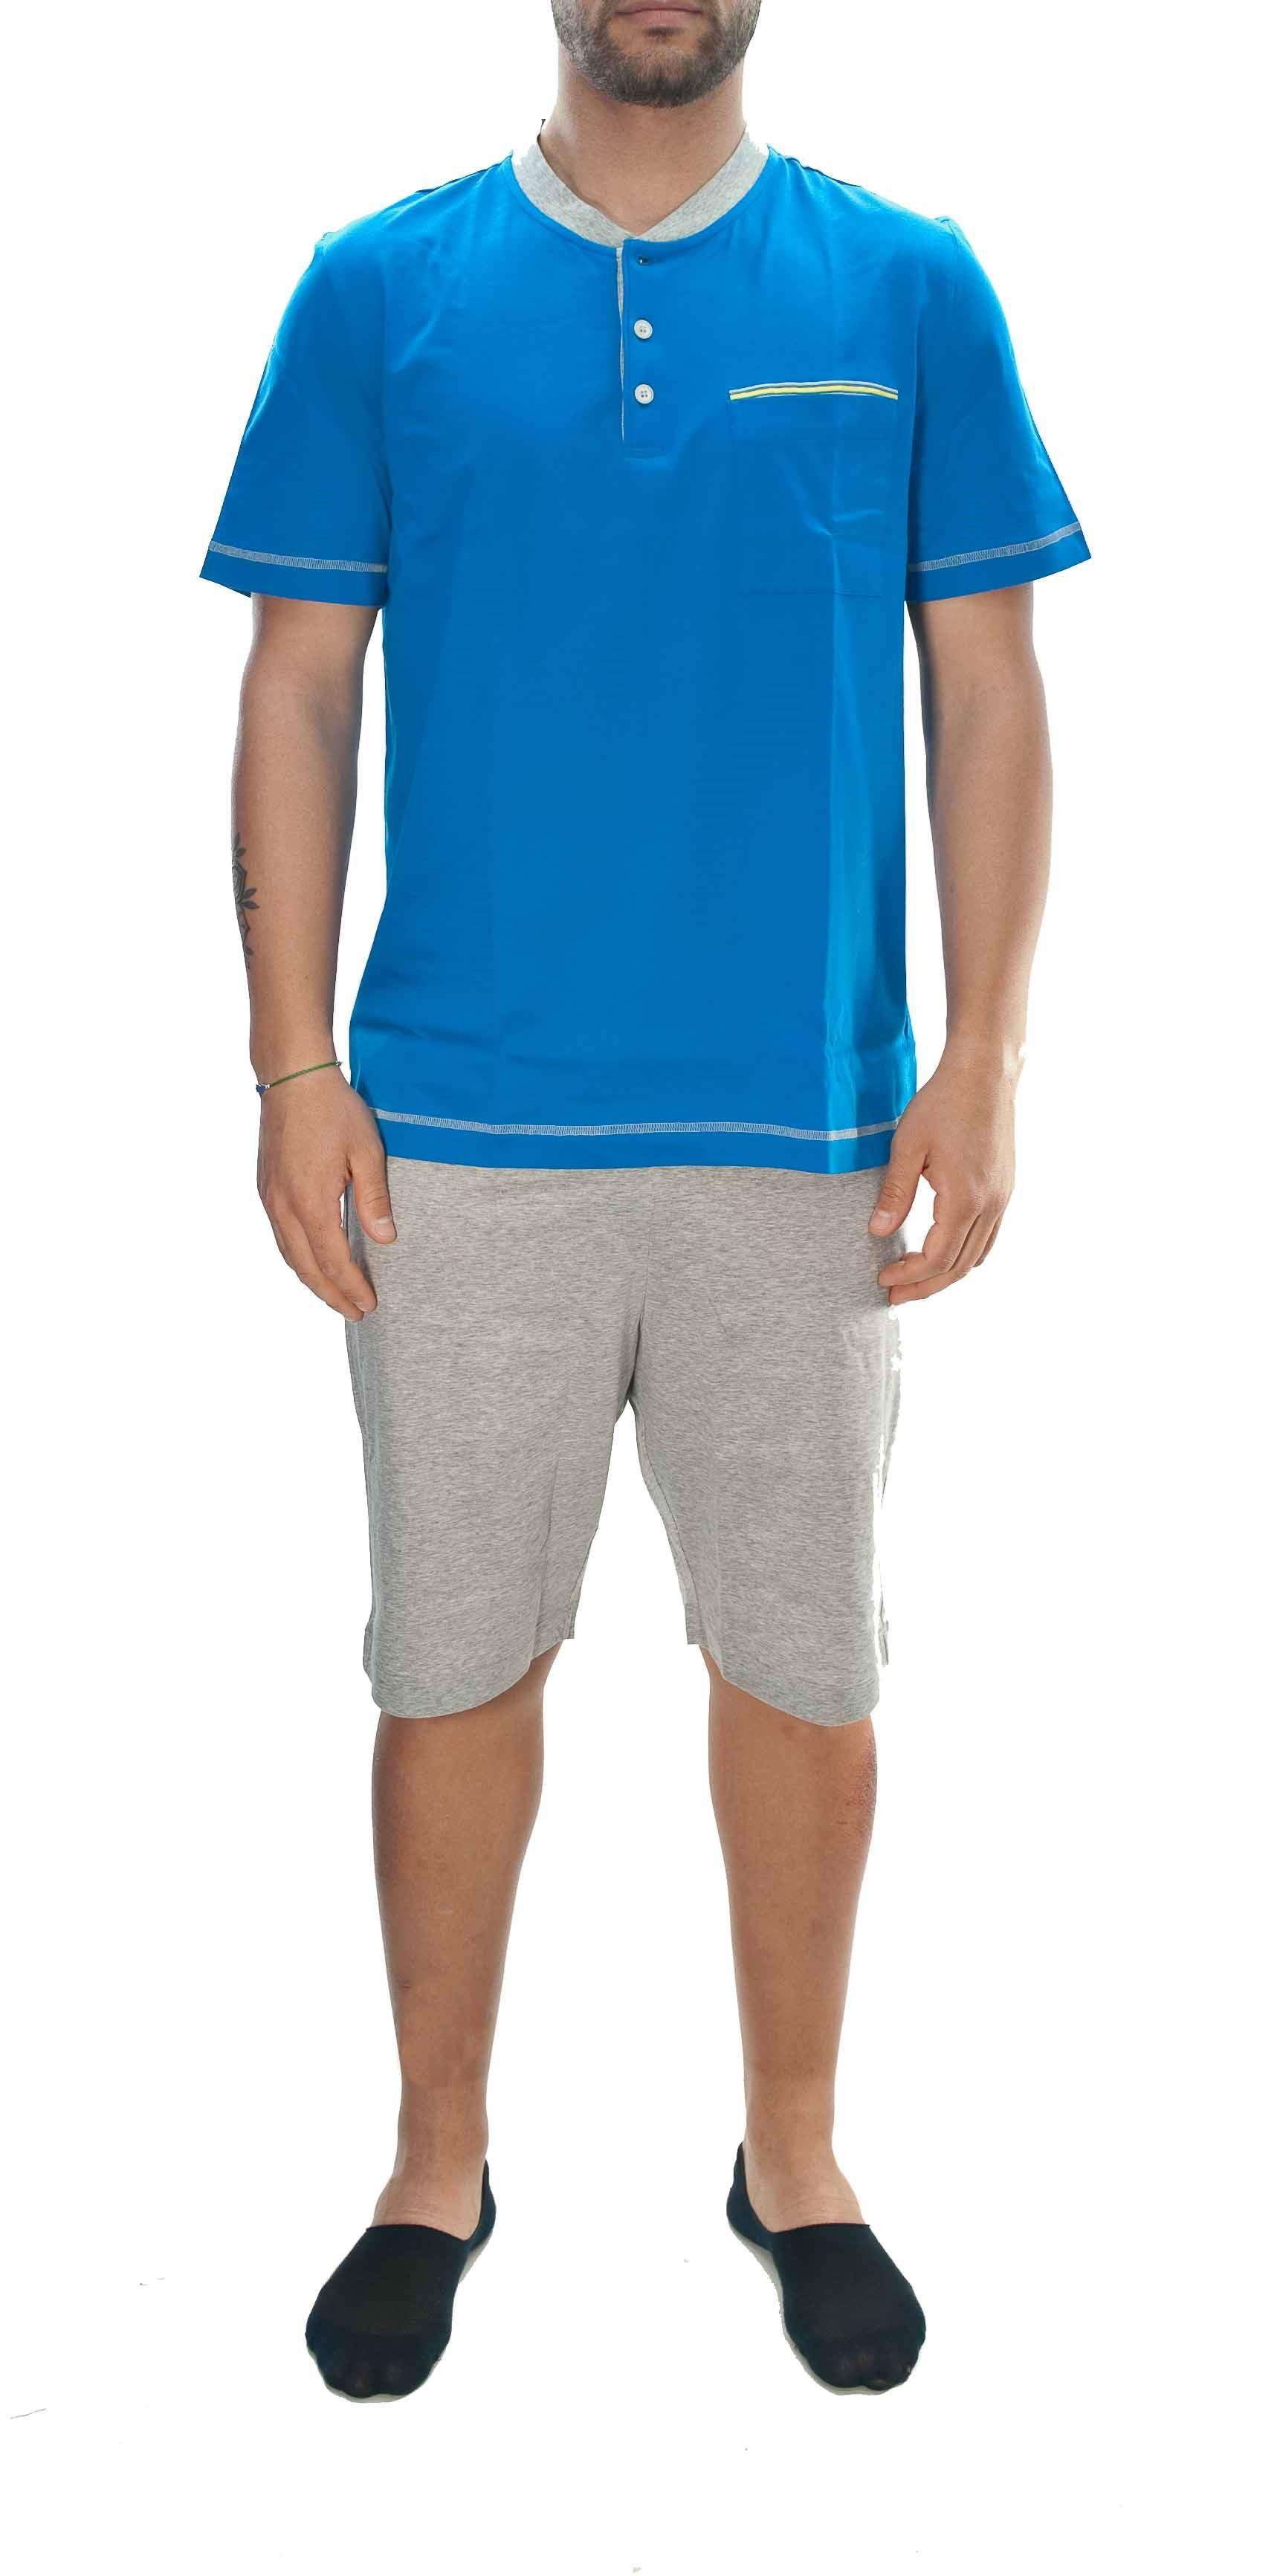 Picture of Pigiama corto in jersey di cotone azzurro